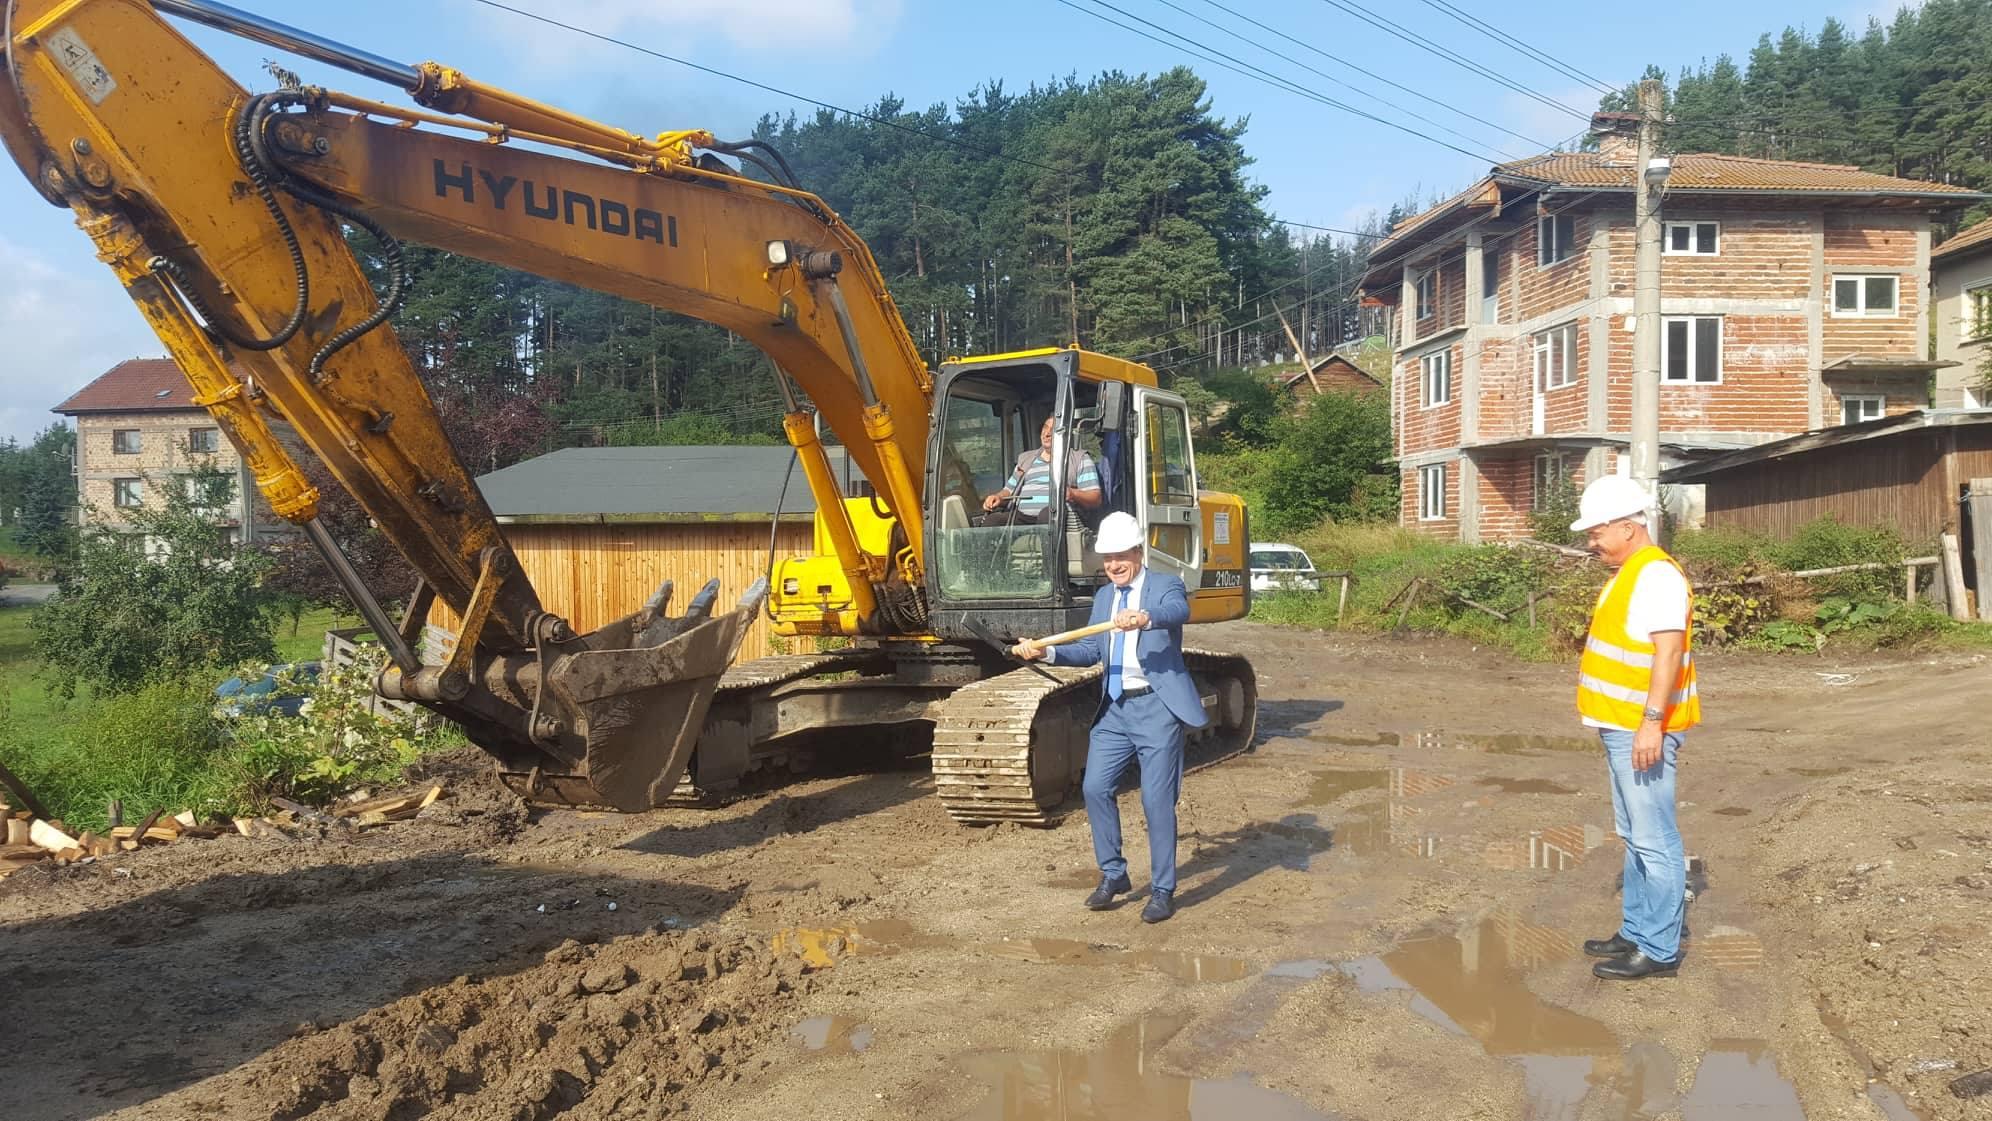 Кметът д-р Коев с поредната първа копка за изграждане на улици в село Юндола